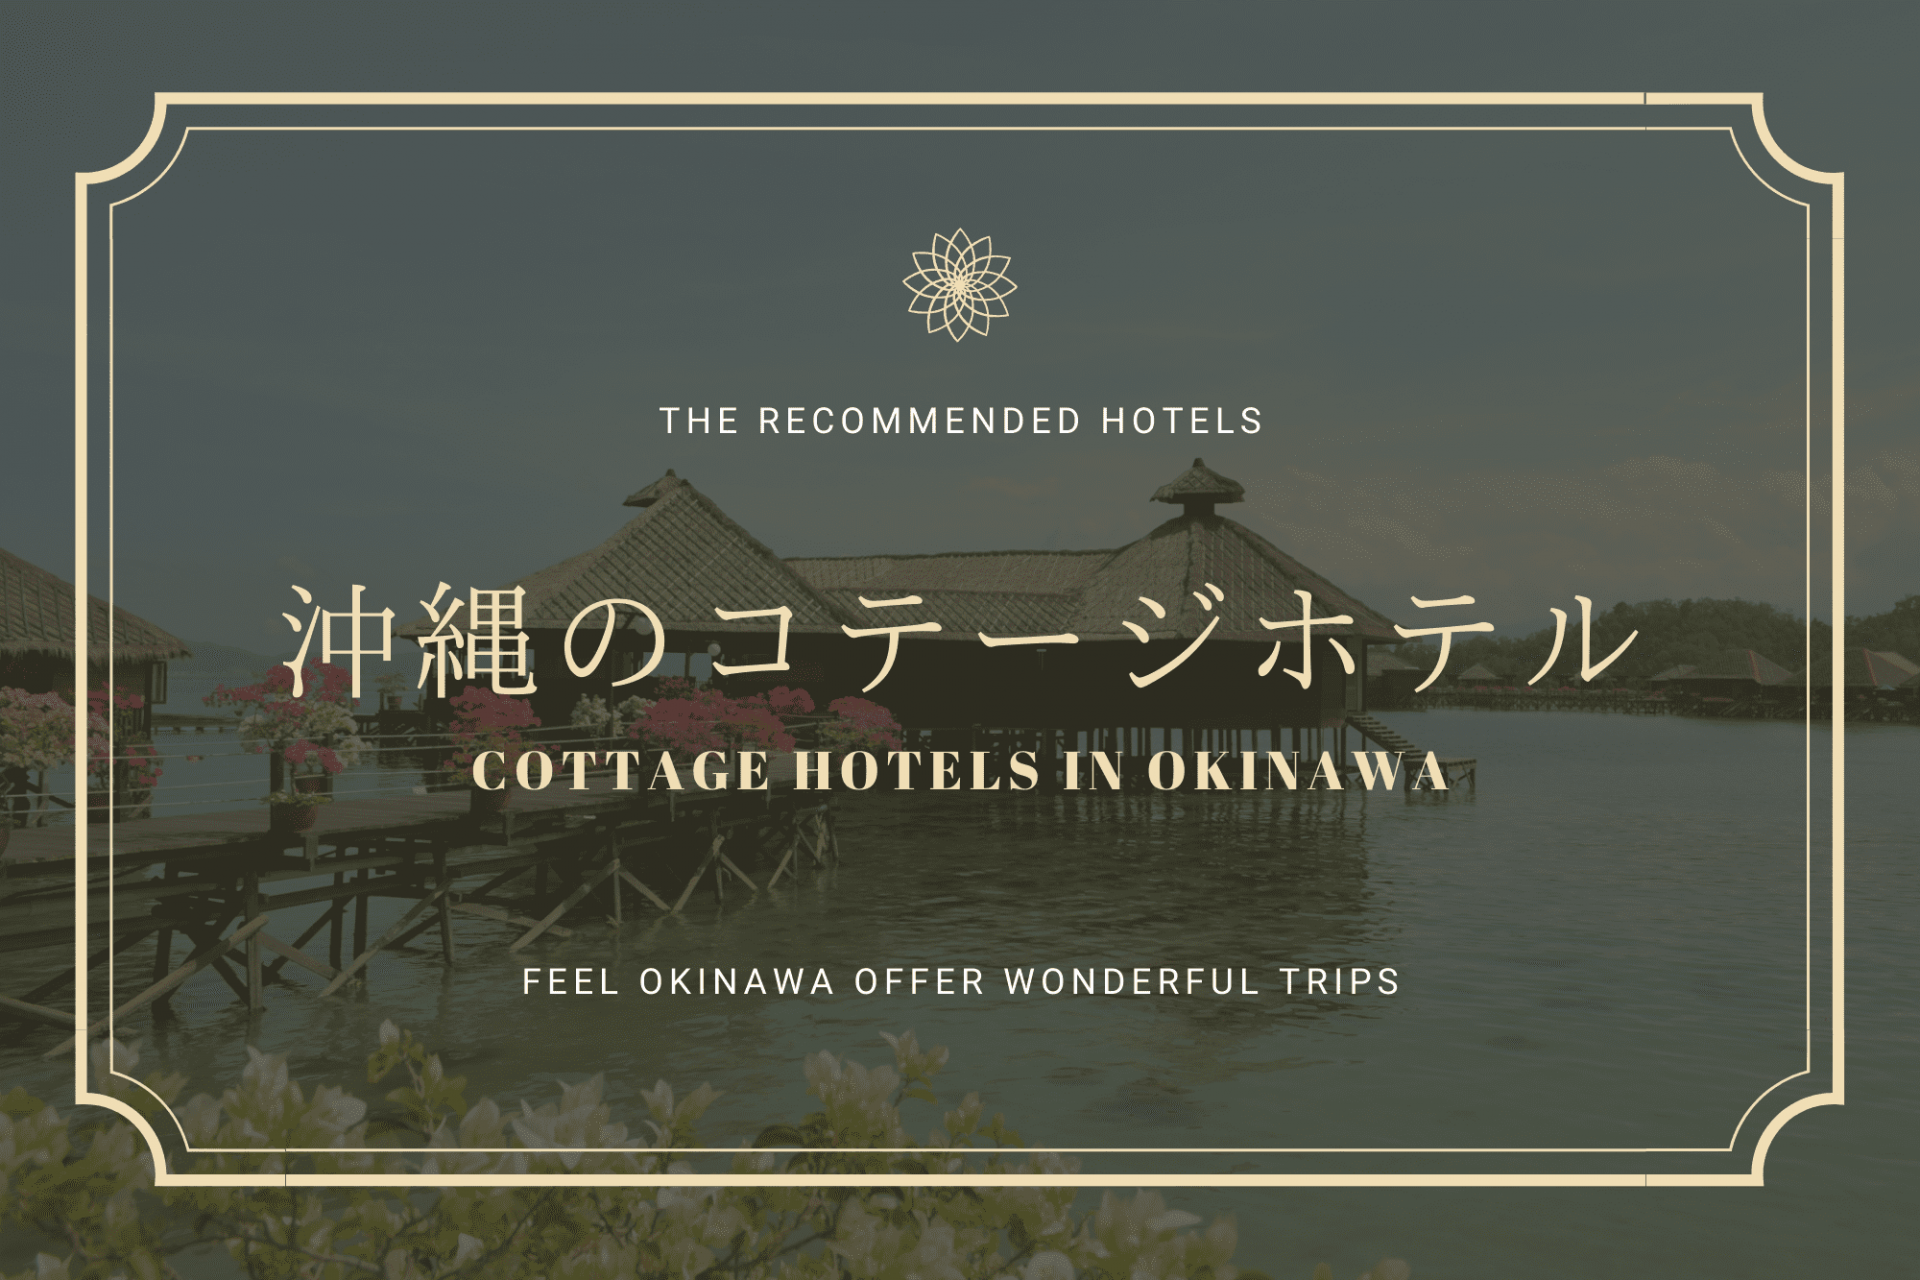 沖縄 コテージ ホテル 宿泊 旅行 家族